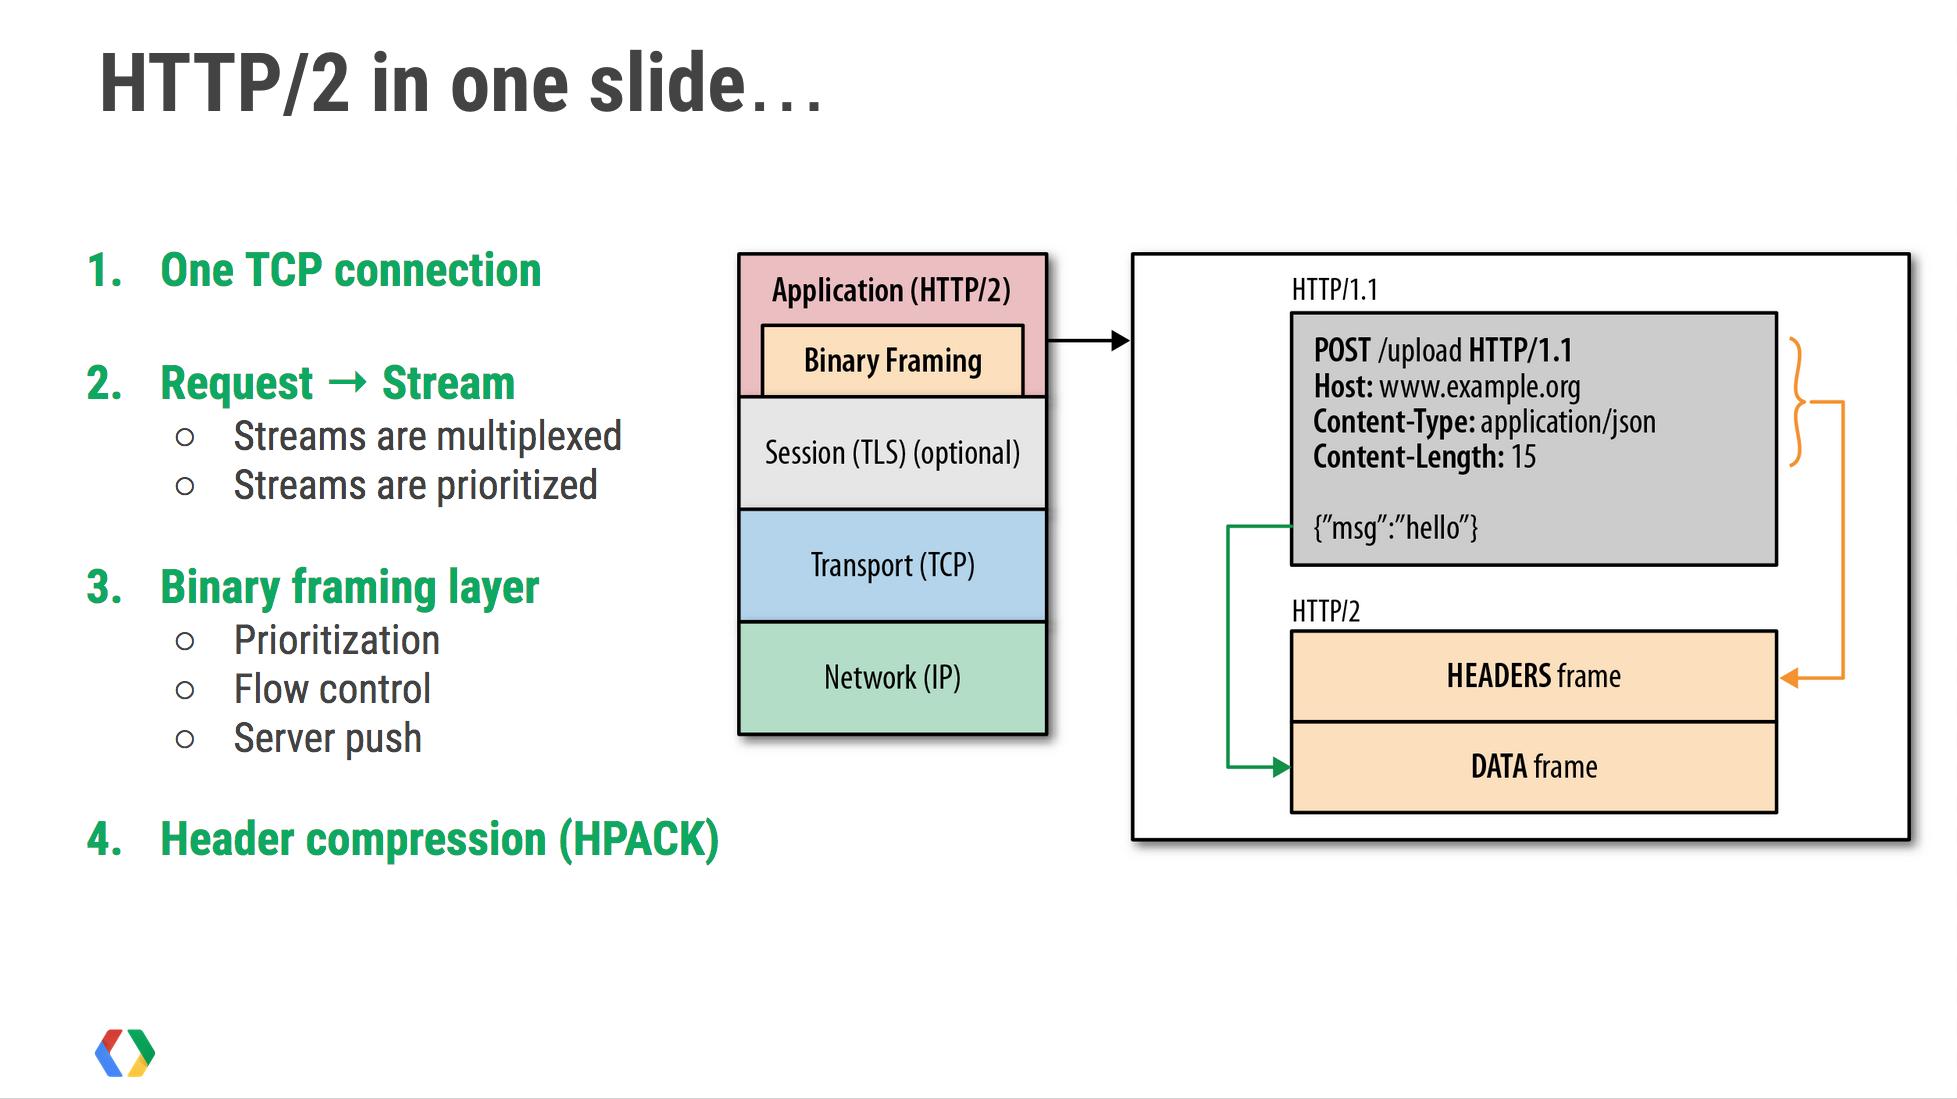 Upgrading Ubuntu 14.04 to Latest Nginx to Support HTTP2